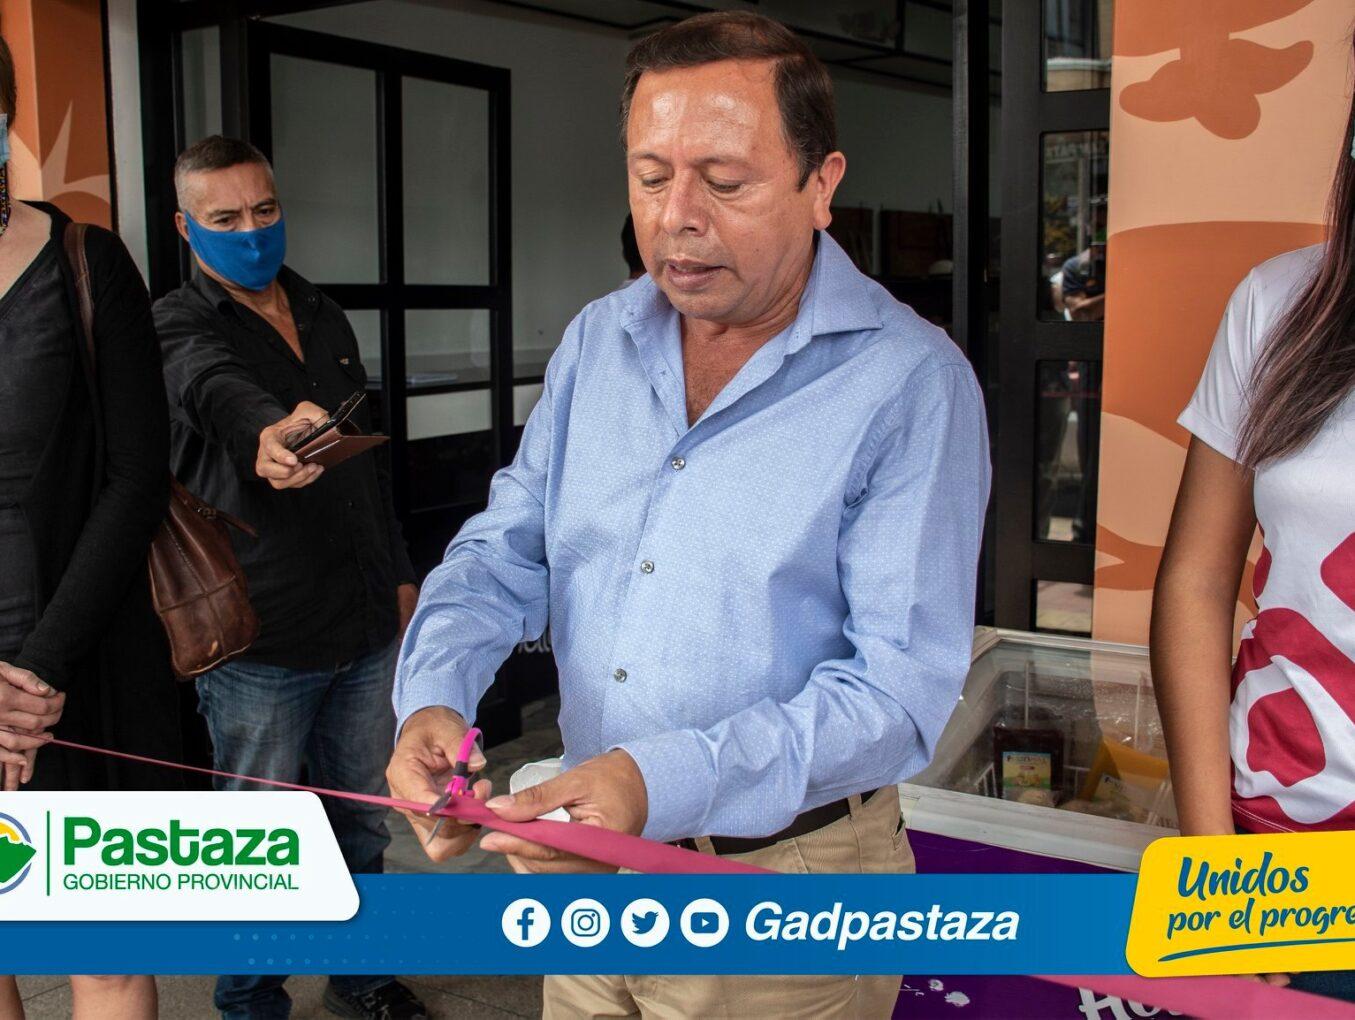 ¡EcoTienda fue inaugurada en los bajos del edificio operativo del GADPPz!